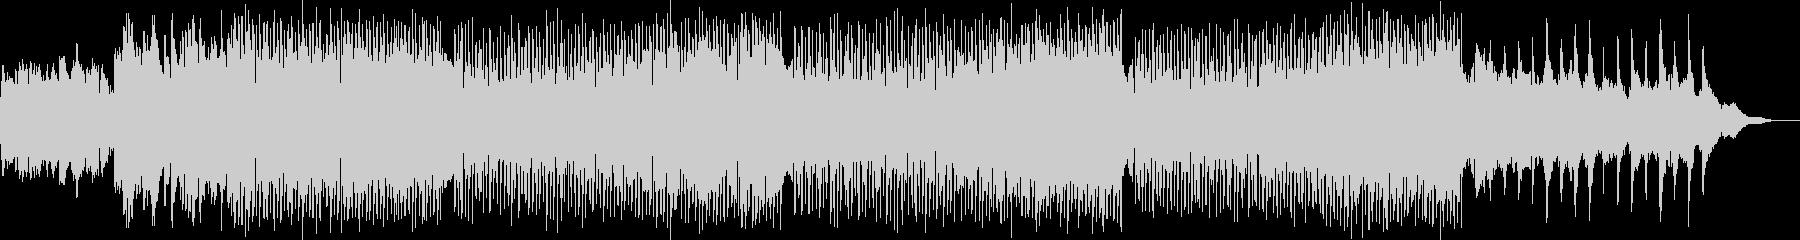 柔らかいシンセサイザーの16ビートの未再生の波形